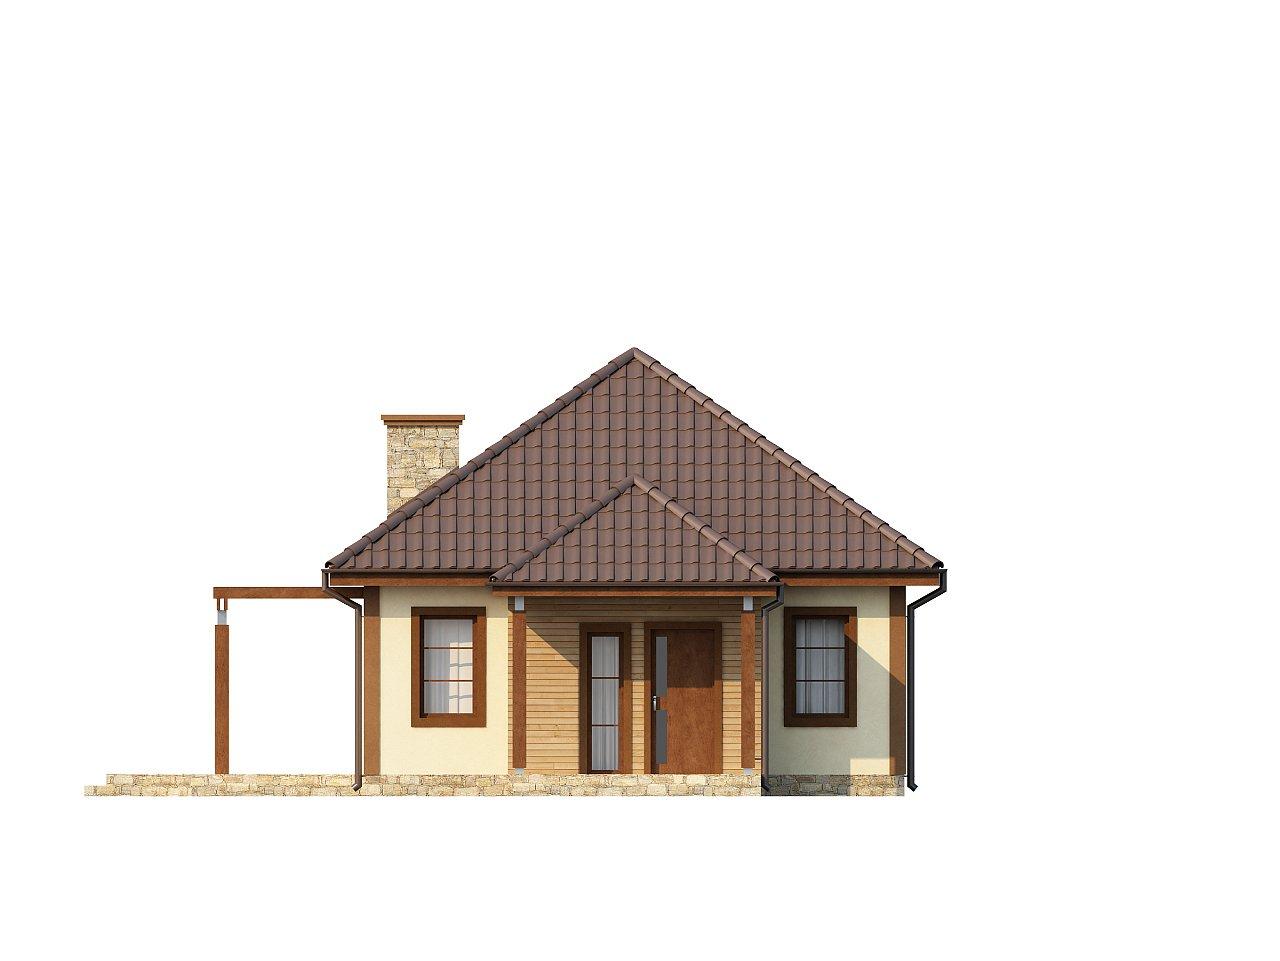 Проект маленького уютного дома с функциональной планировкой. Оснащен всем необходимым для постоянного проживания. - фото 3